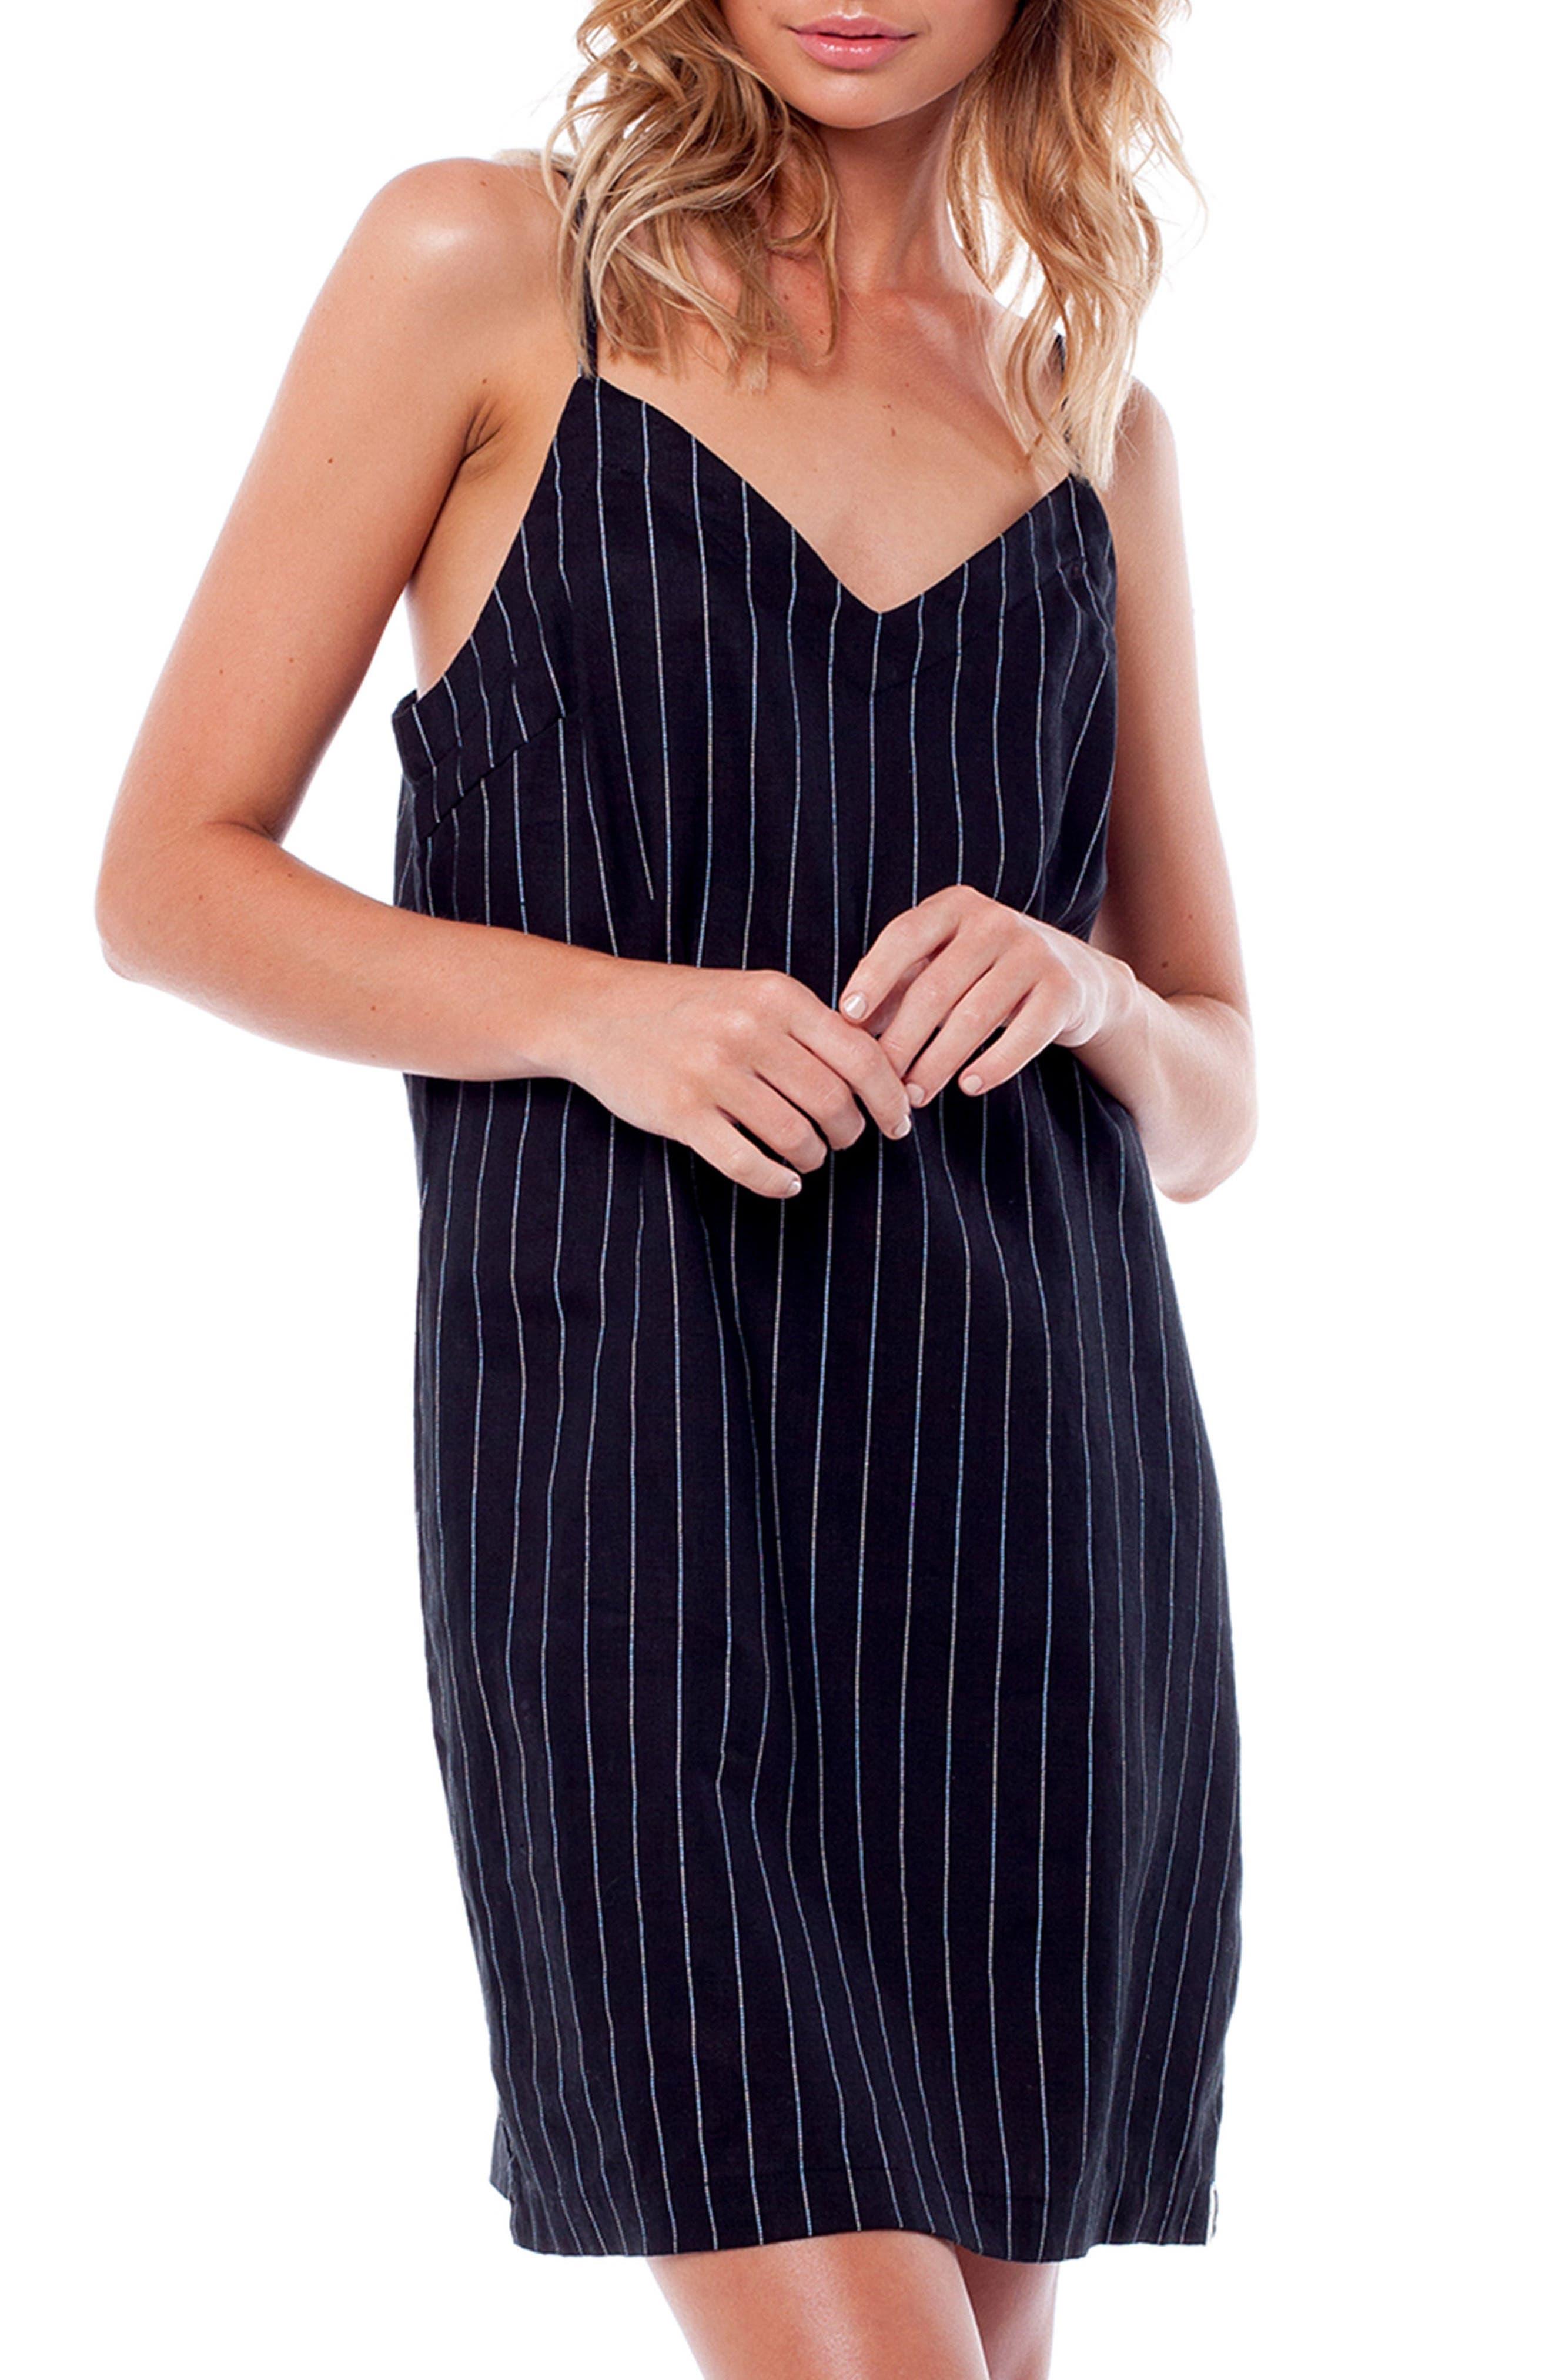 Catalina Cover-Up Dress,                             Main thumbnail 1, color,                             BLACK